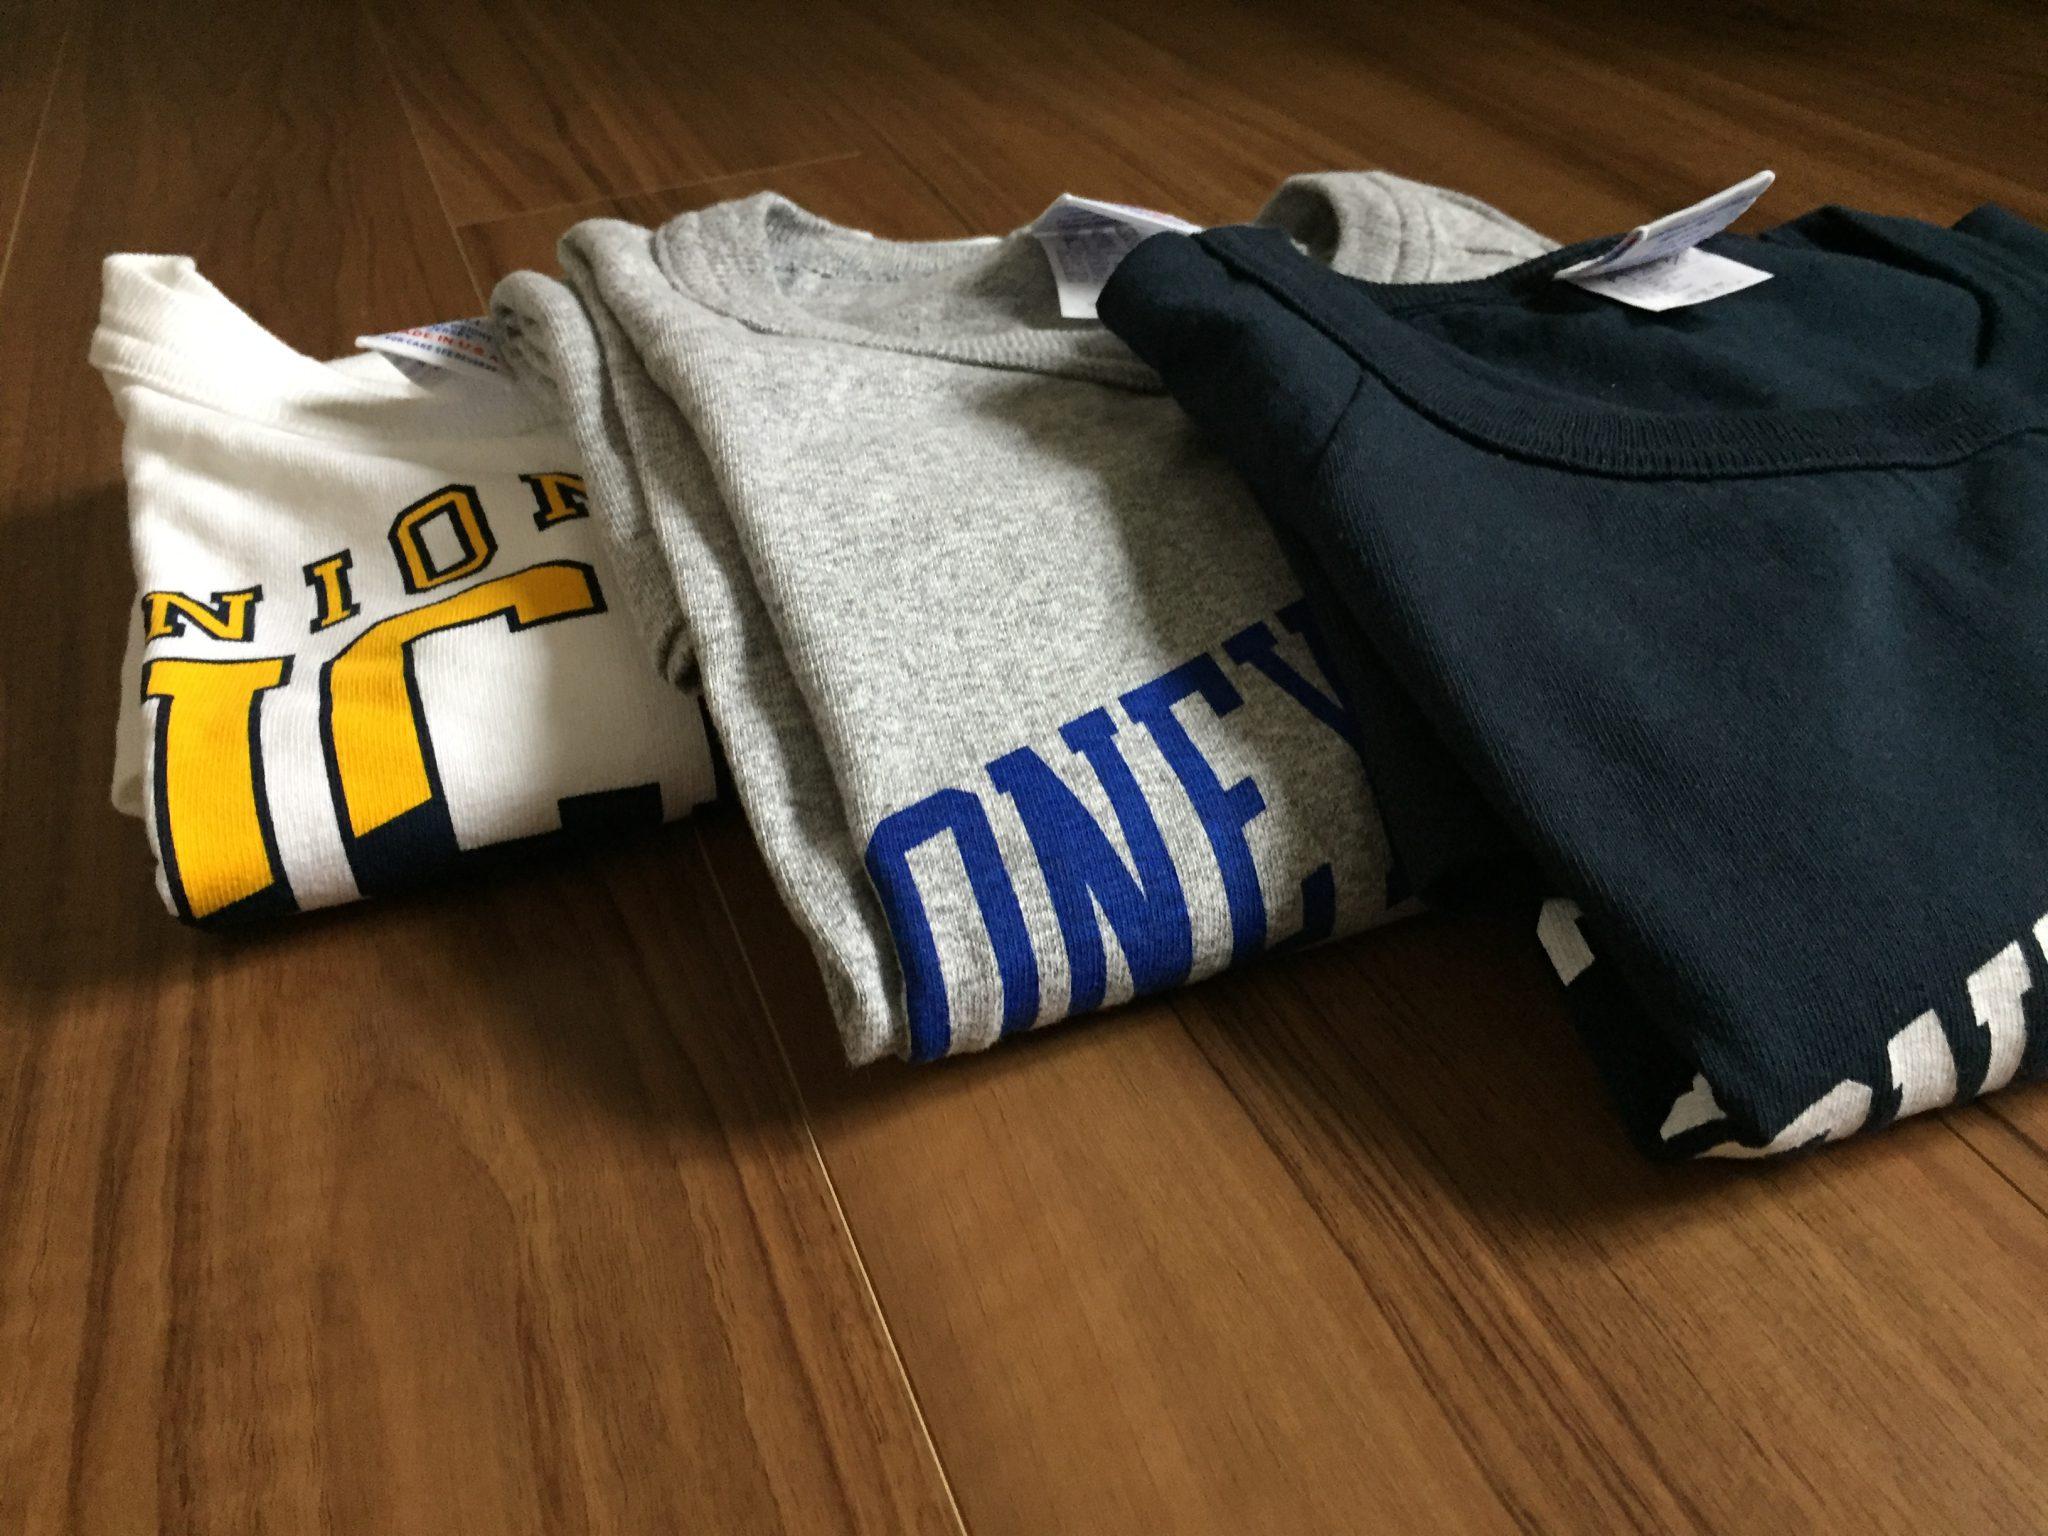 Champion(チャンピオン)T1011~7分袖のプリント付きを3枚購入。春秋のコーディネートを考えてみる。